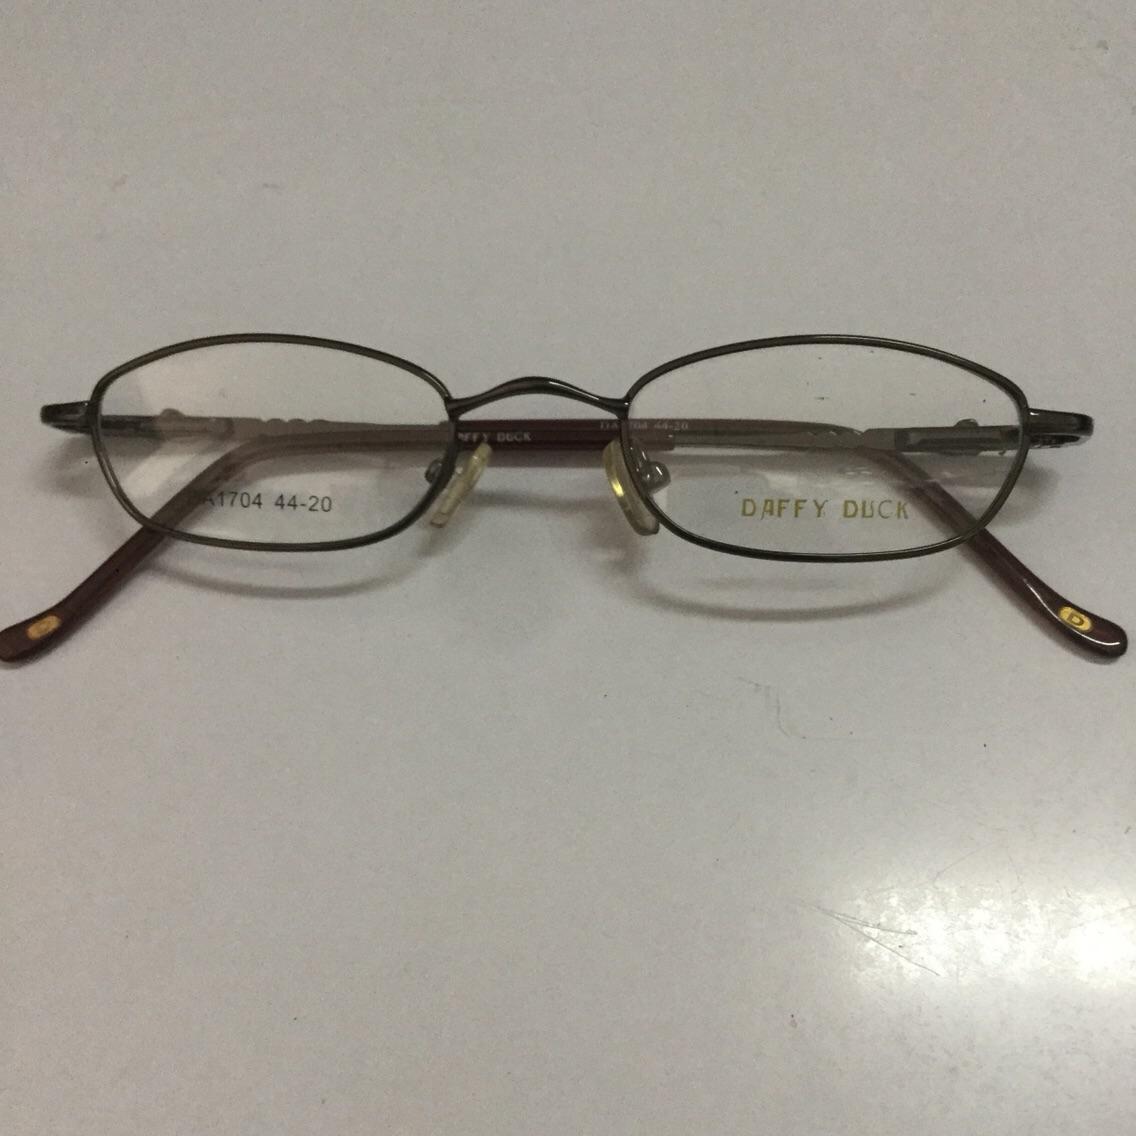 Daffy Duck Eyeglass Frame For Kids By Mearsbeauty.